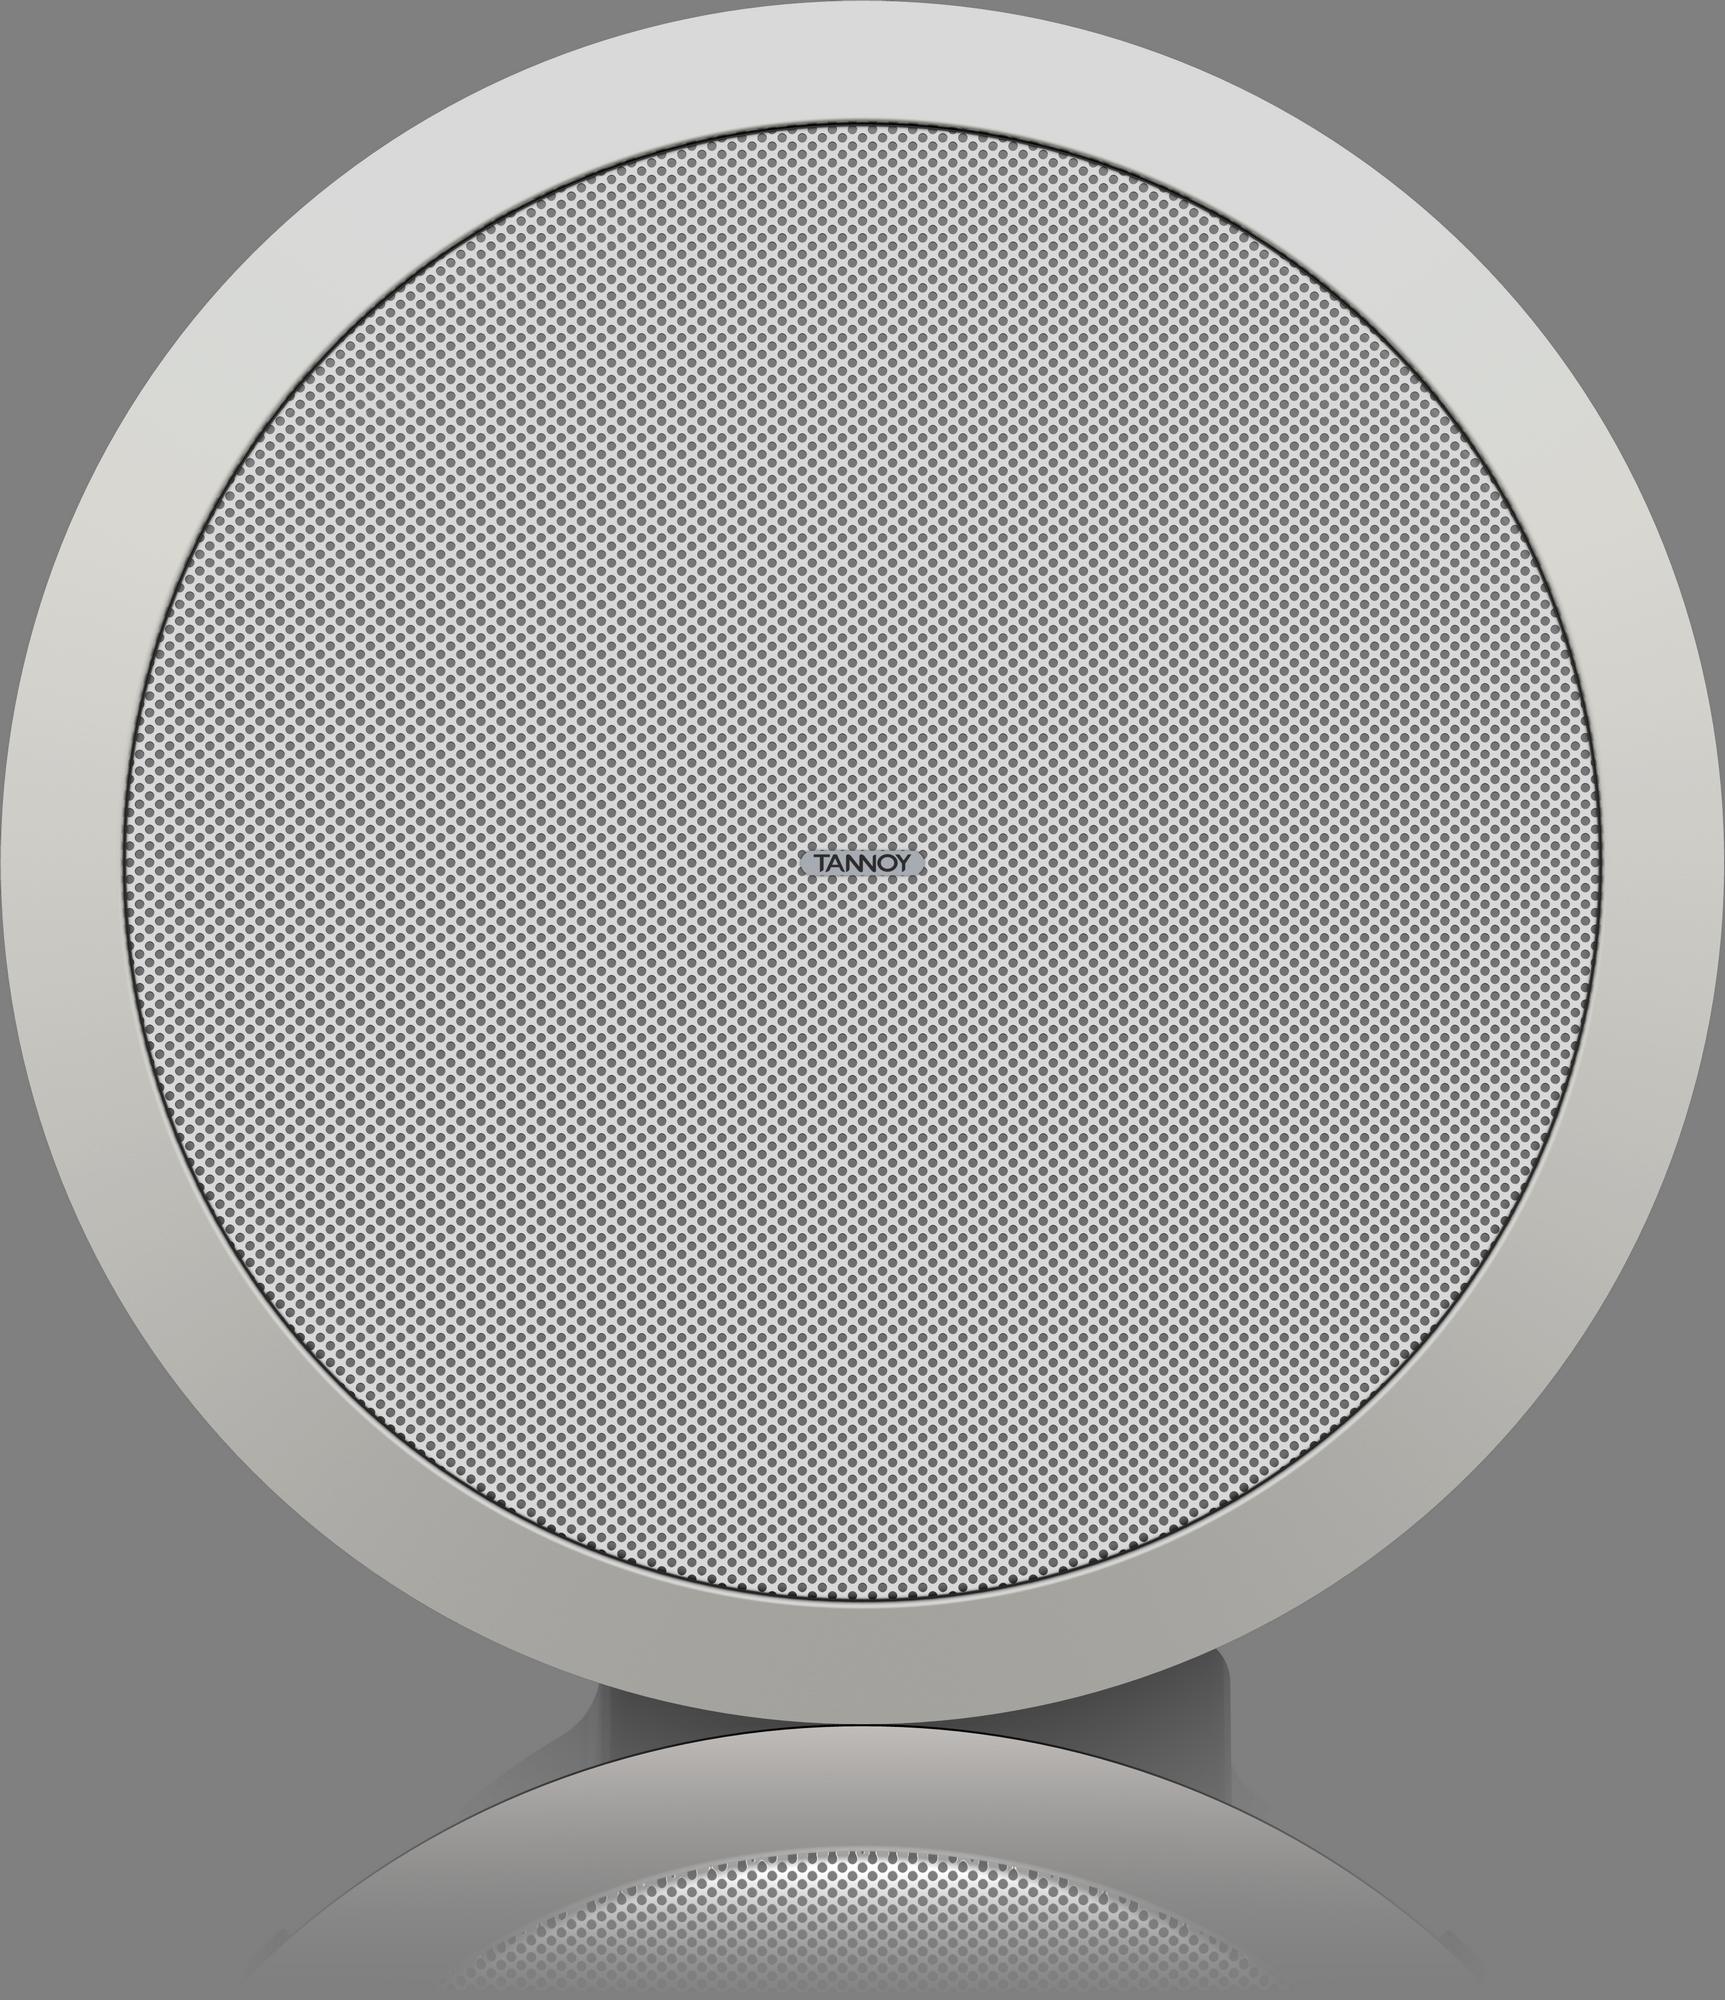 Tannoy  Tannoy - B-stock - CVS 6 - haut-parleur ensemble de plafond